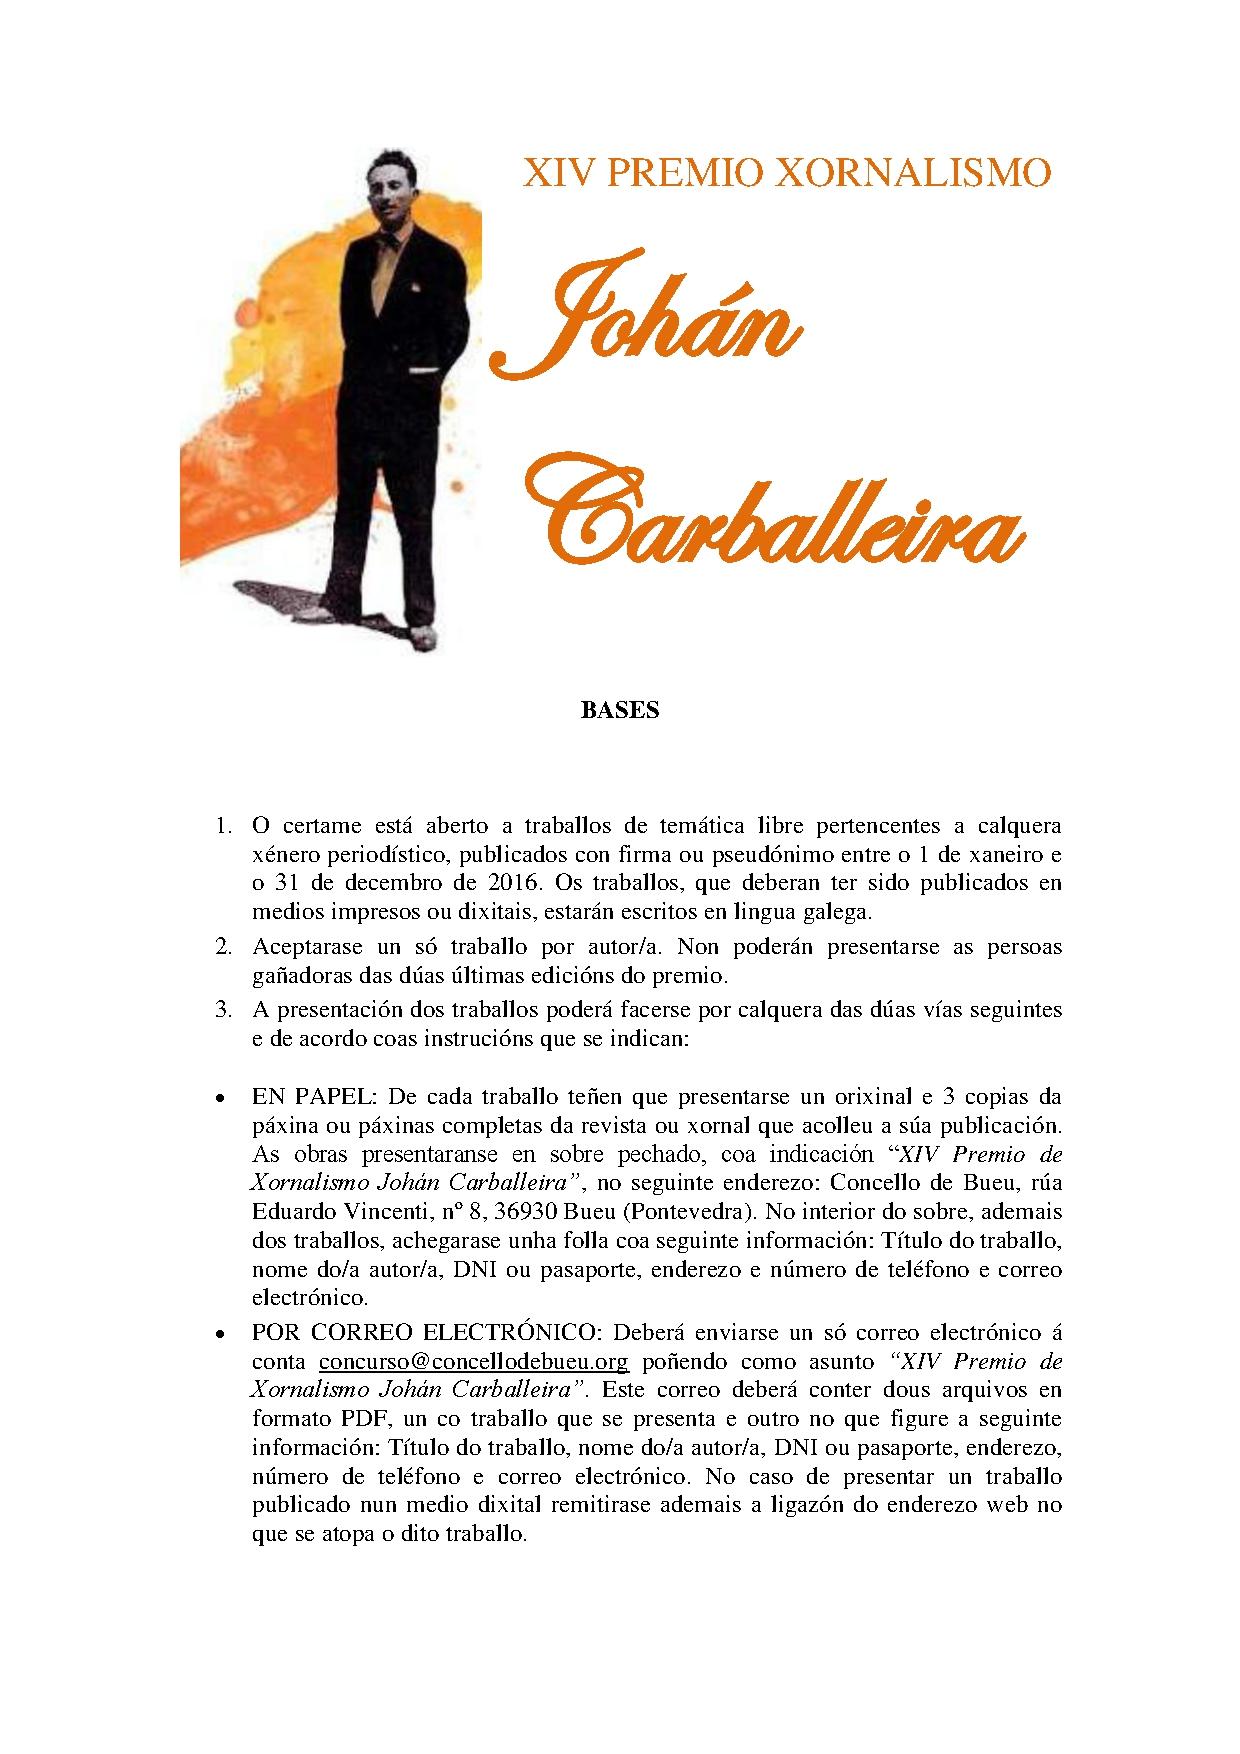 Premio Johán Carballeira xornalismo 2016 1